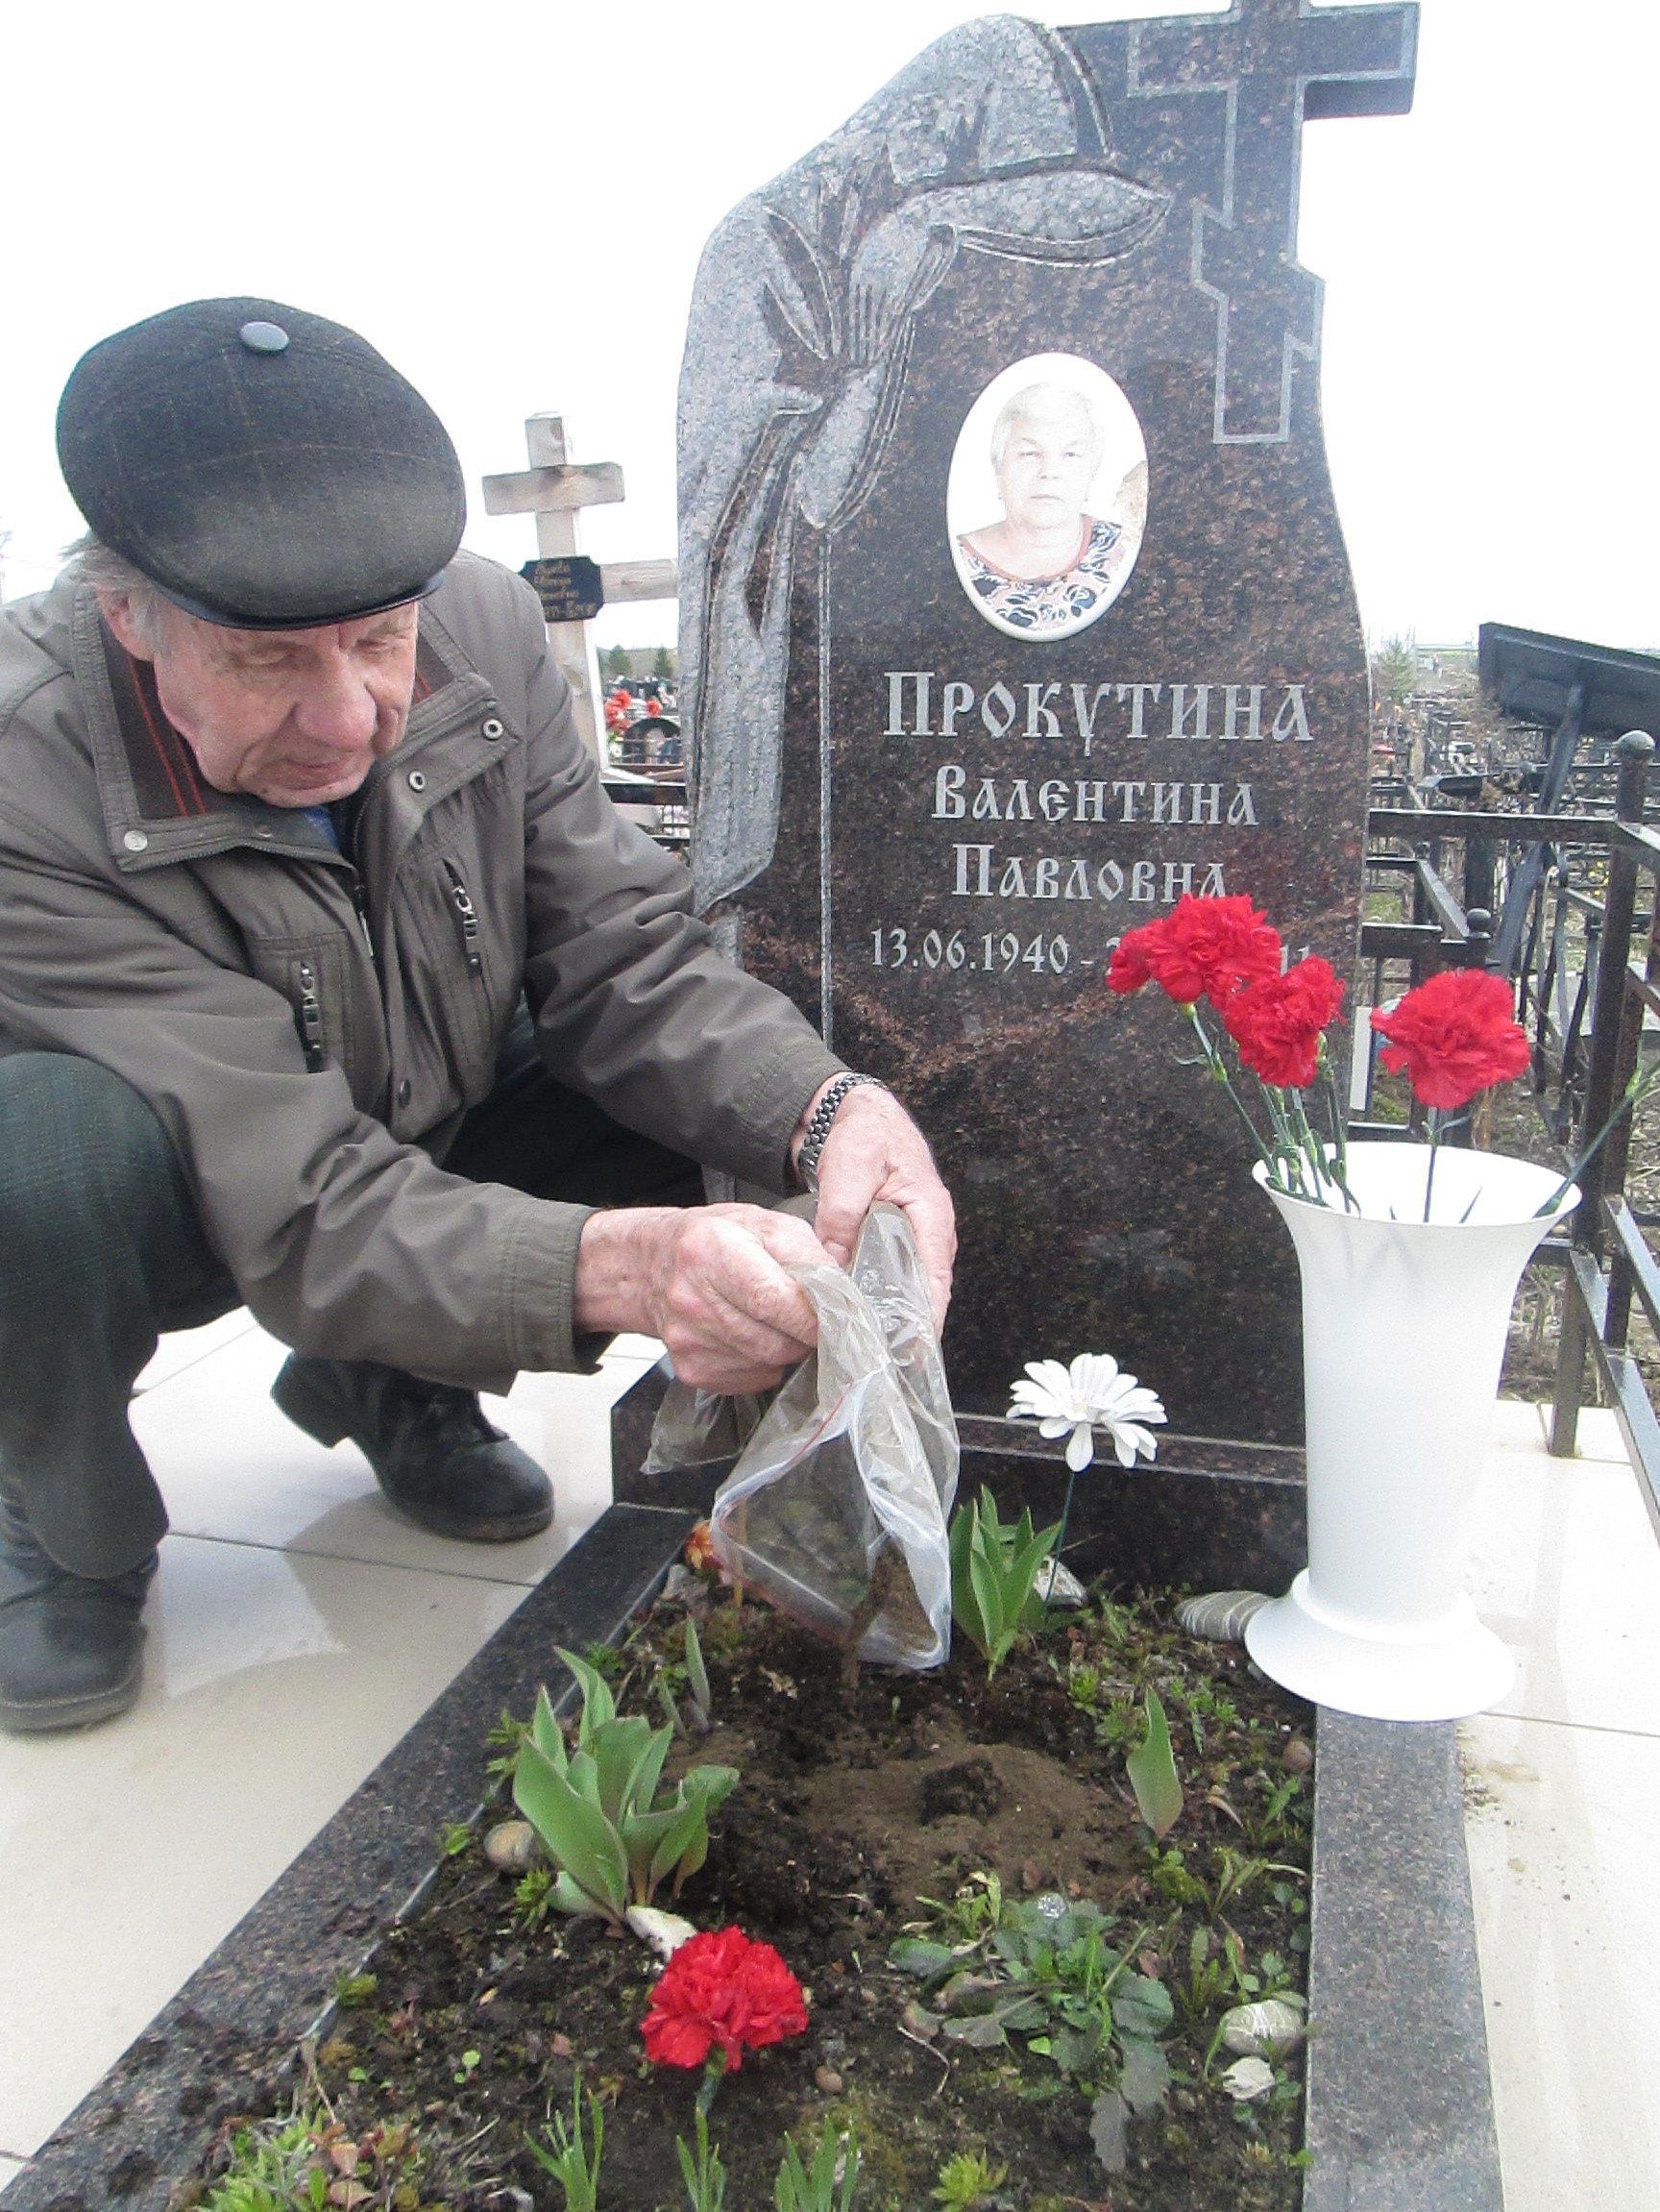 Potomkini czerwonoarmisty Pawła Koczina rozsypuje ziemię na grobie jego żony. Wołogda